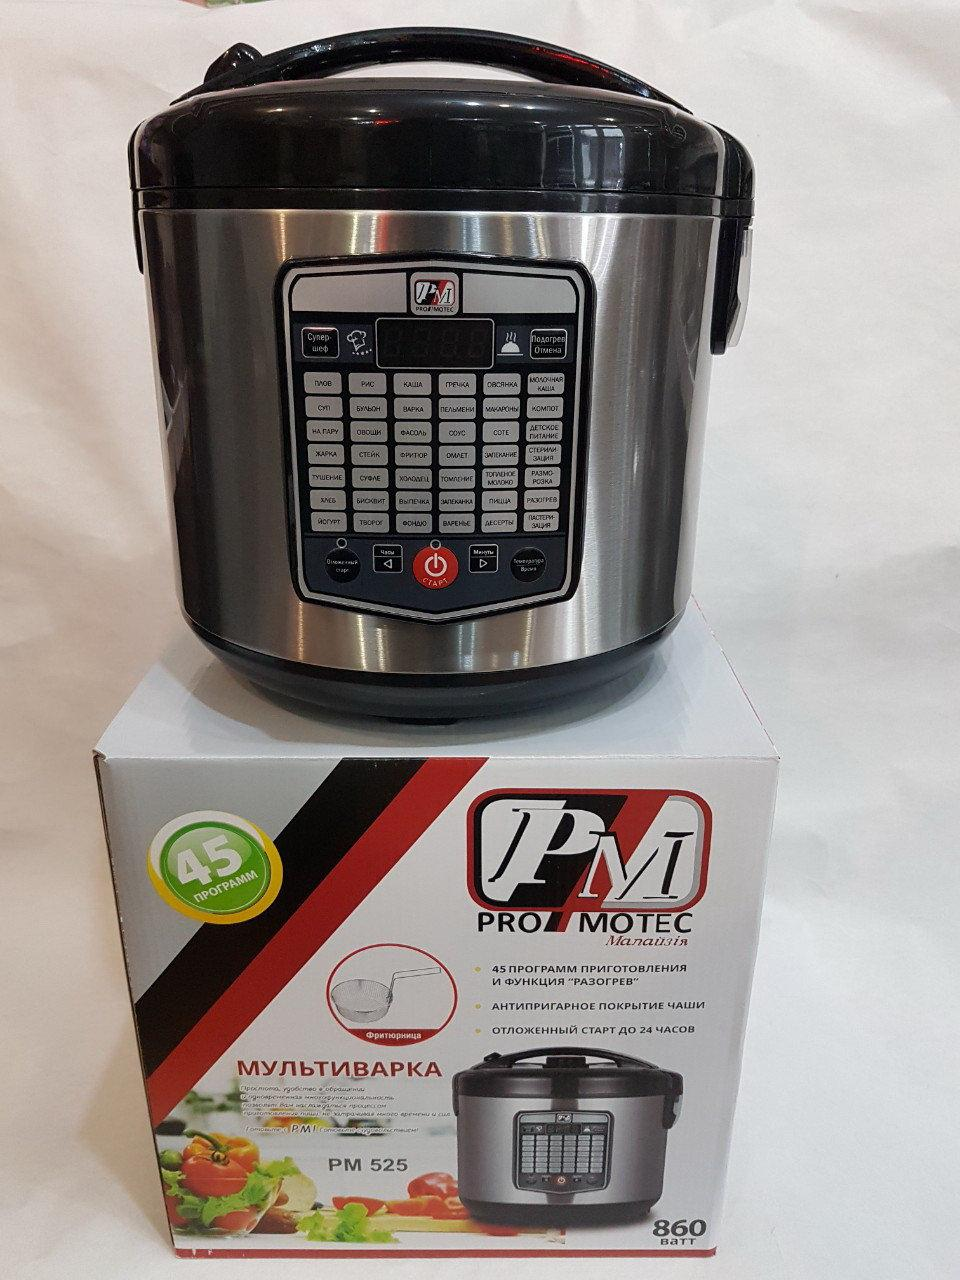 Мультиварка Рисоварка Promotec на 5л и 45 программ Мультиварка скороварка Мультиварка для дома